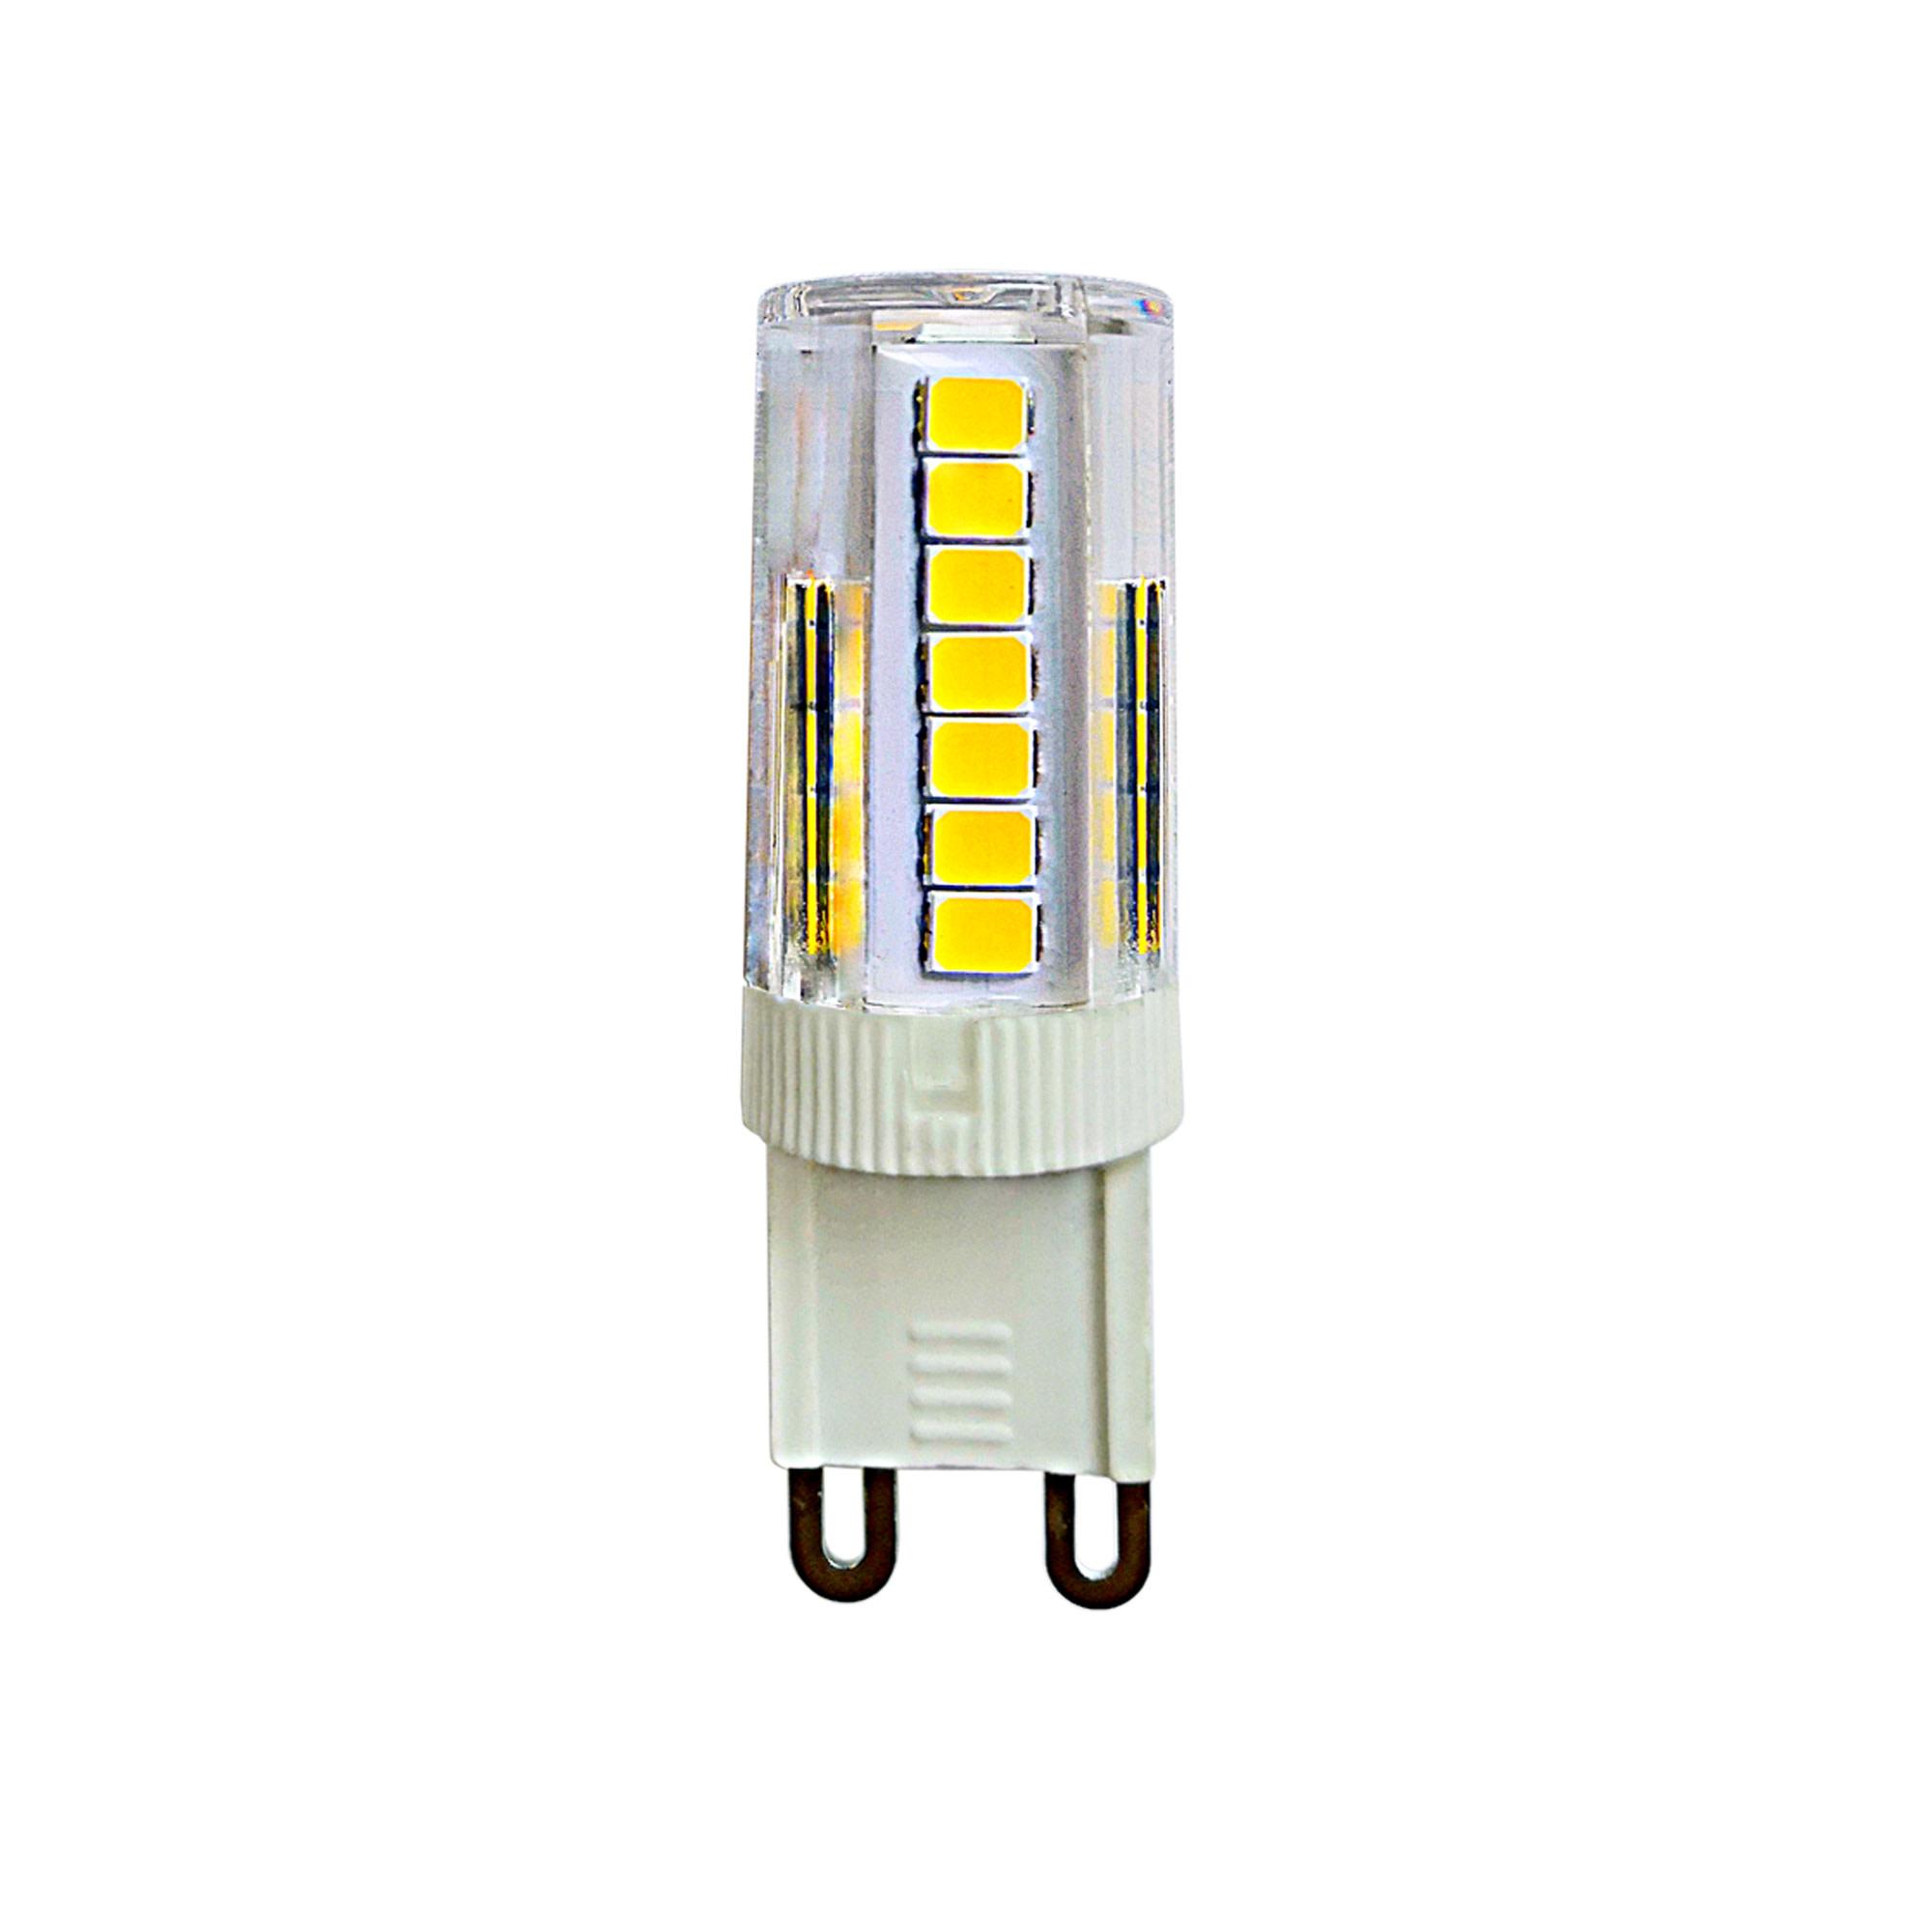 Лампа светодиодная G9 5 Вт капсула прозрачная 425 лм белый свет